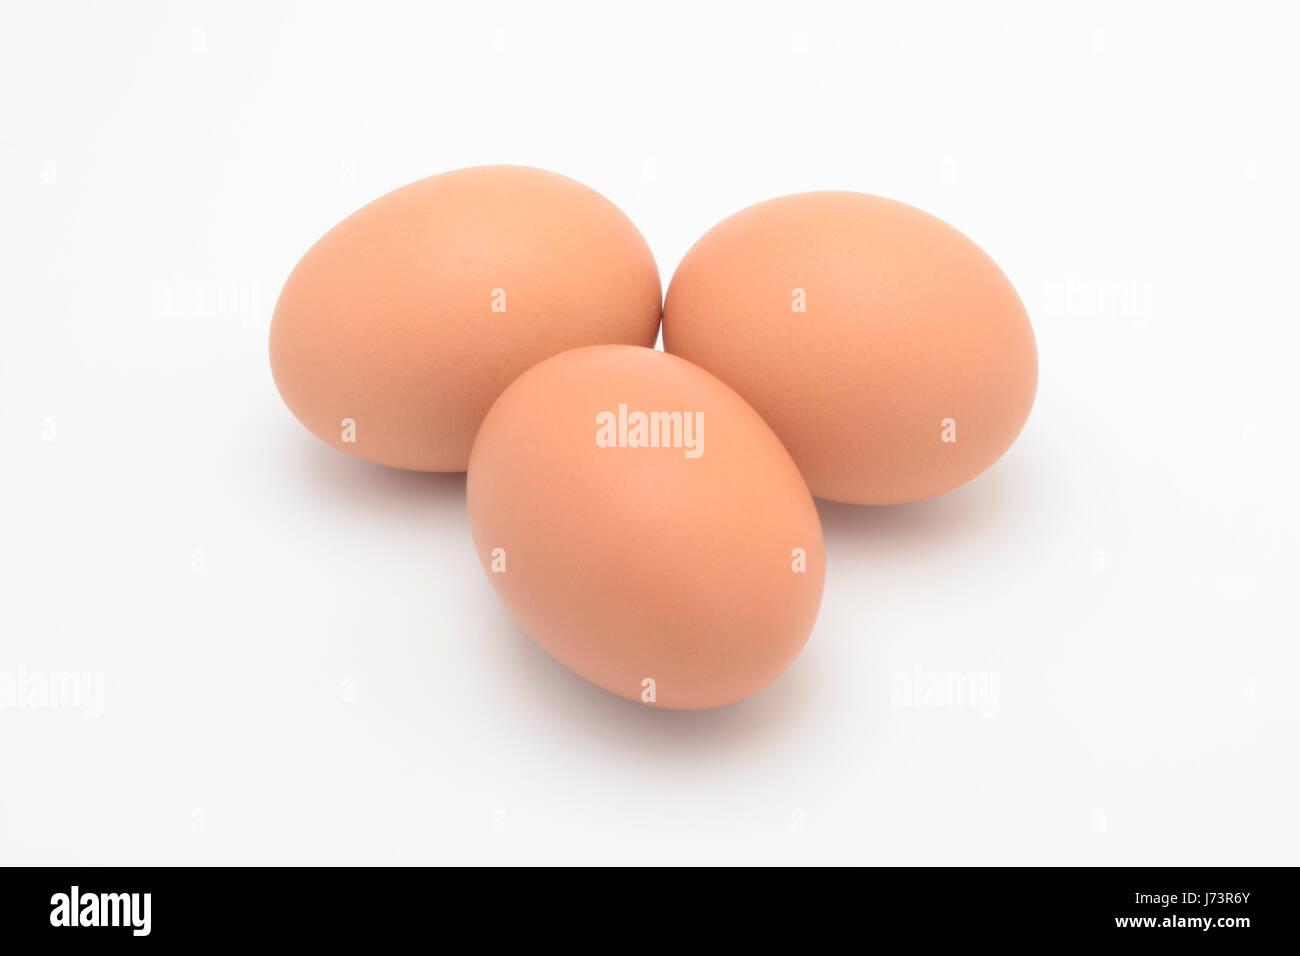 Uovo marrone su sfondo bianco, ingrediente Immagini Stock